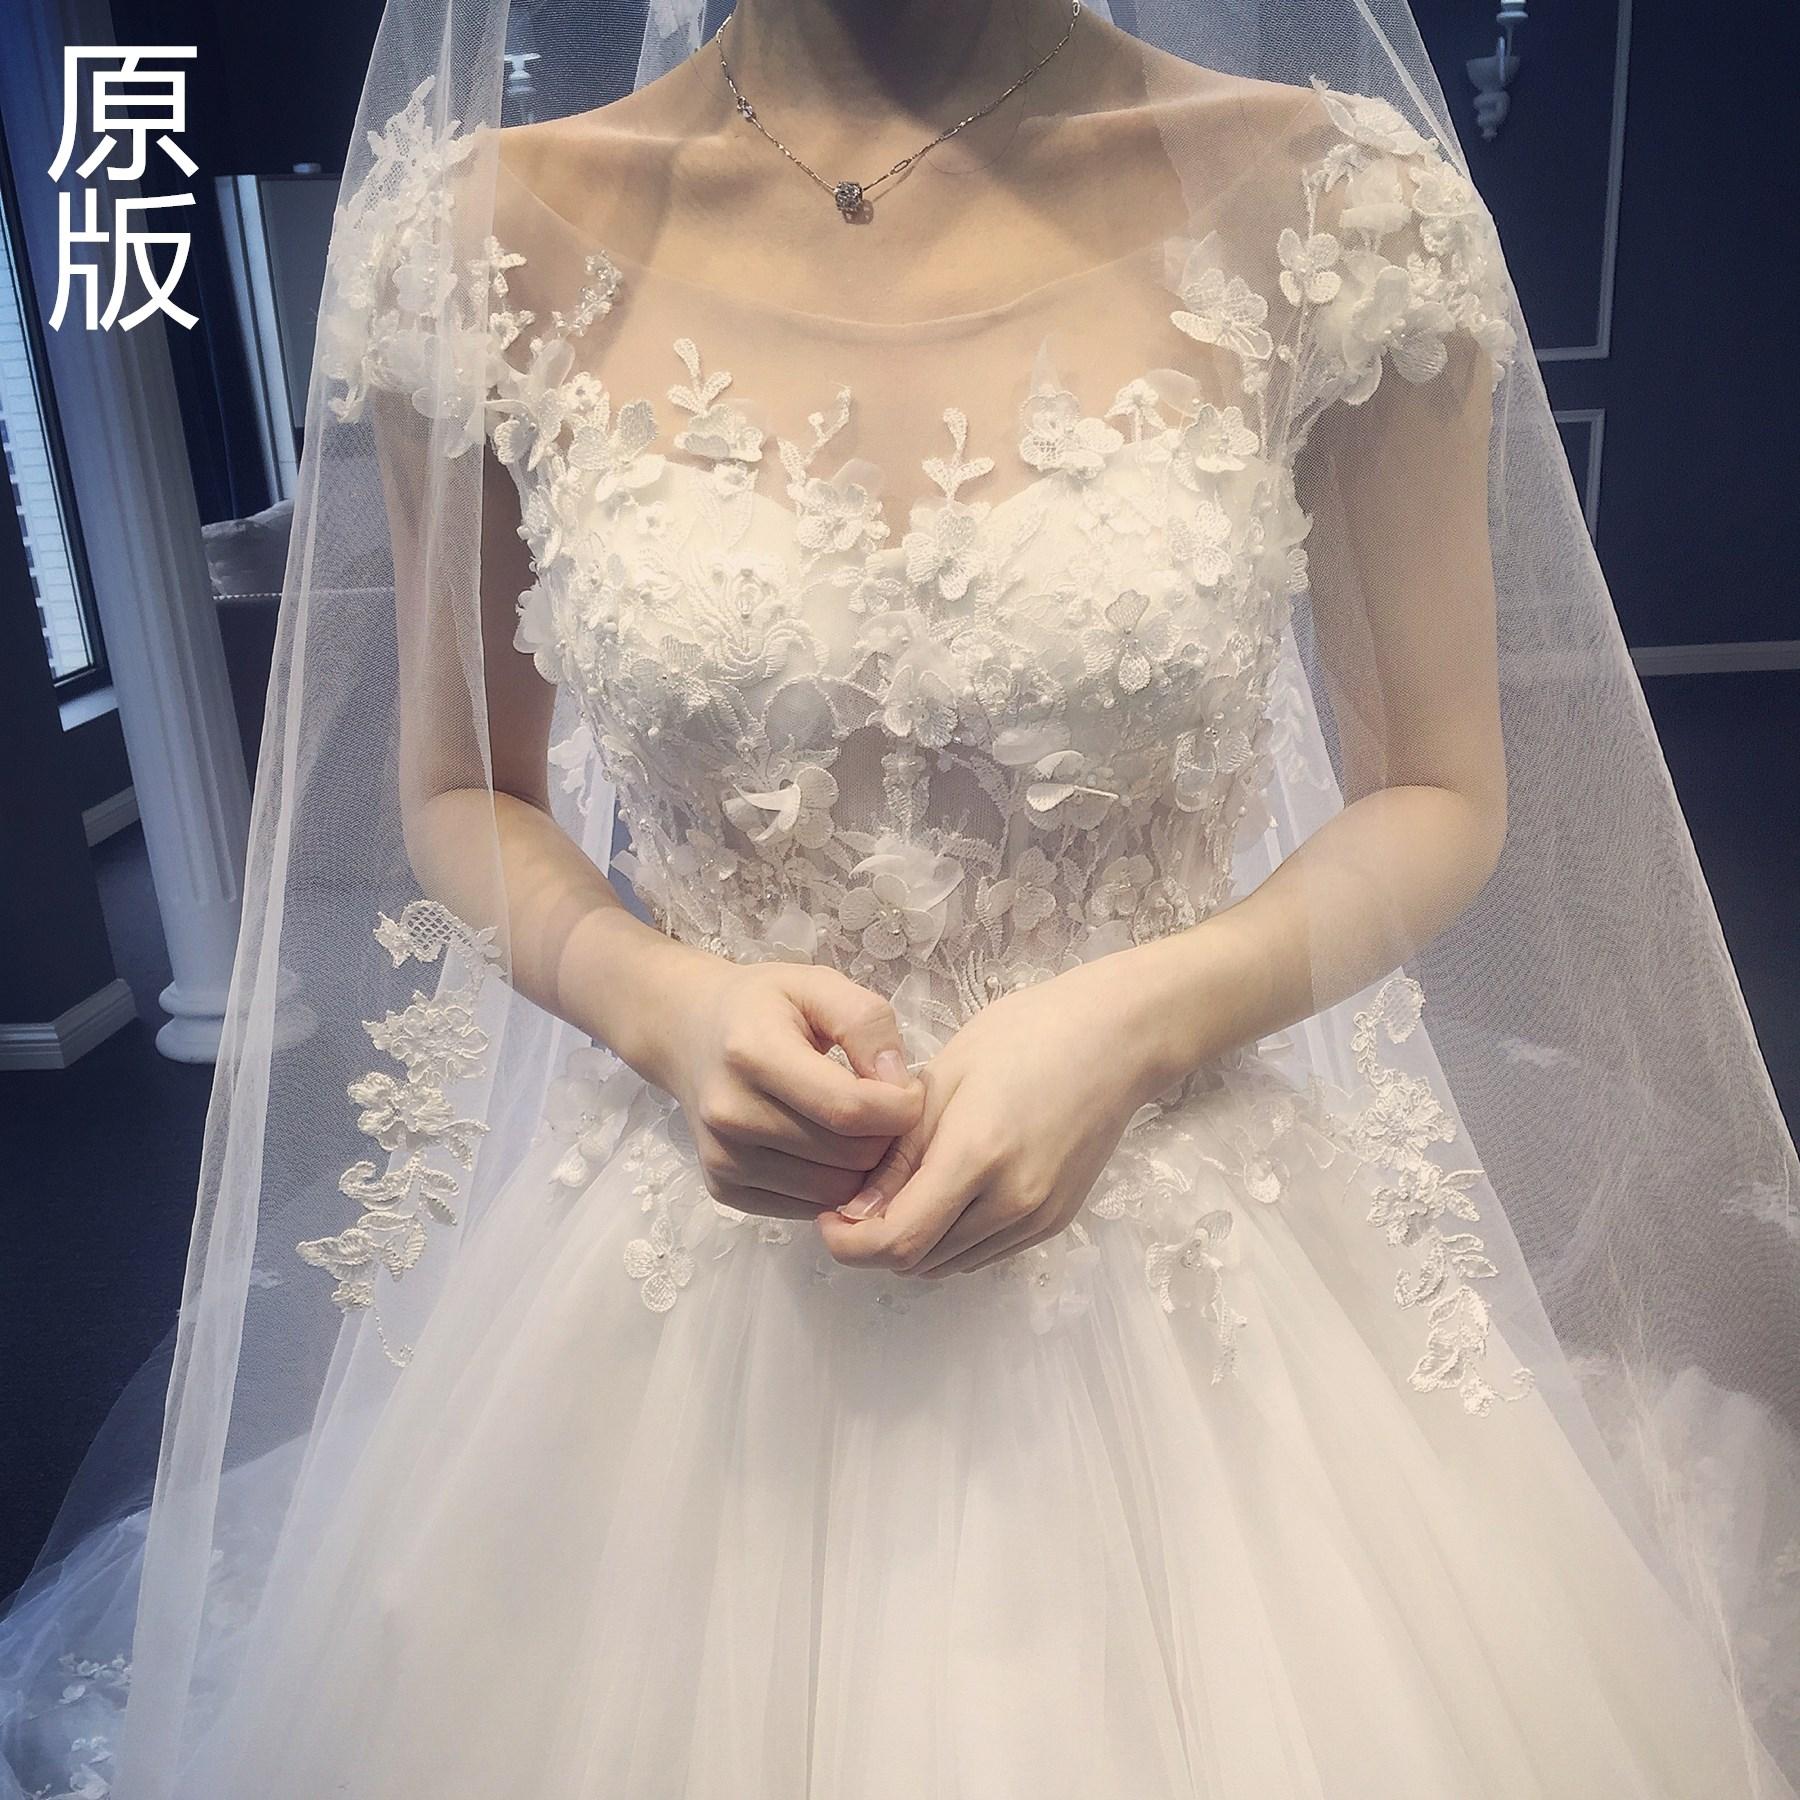 公主婚纱礼服2018新款花朵一字肩新娘结婚时尚修身大拖尾婚纱显瘦